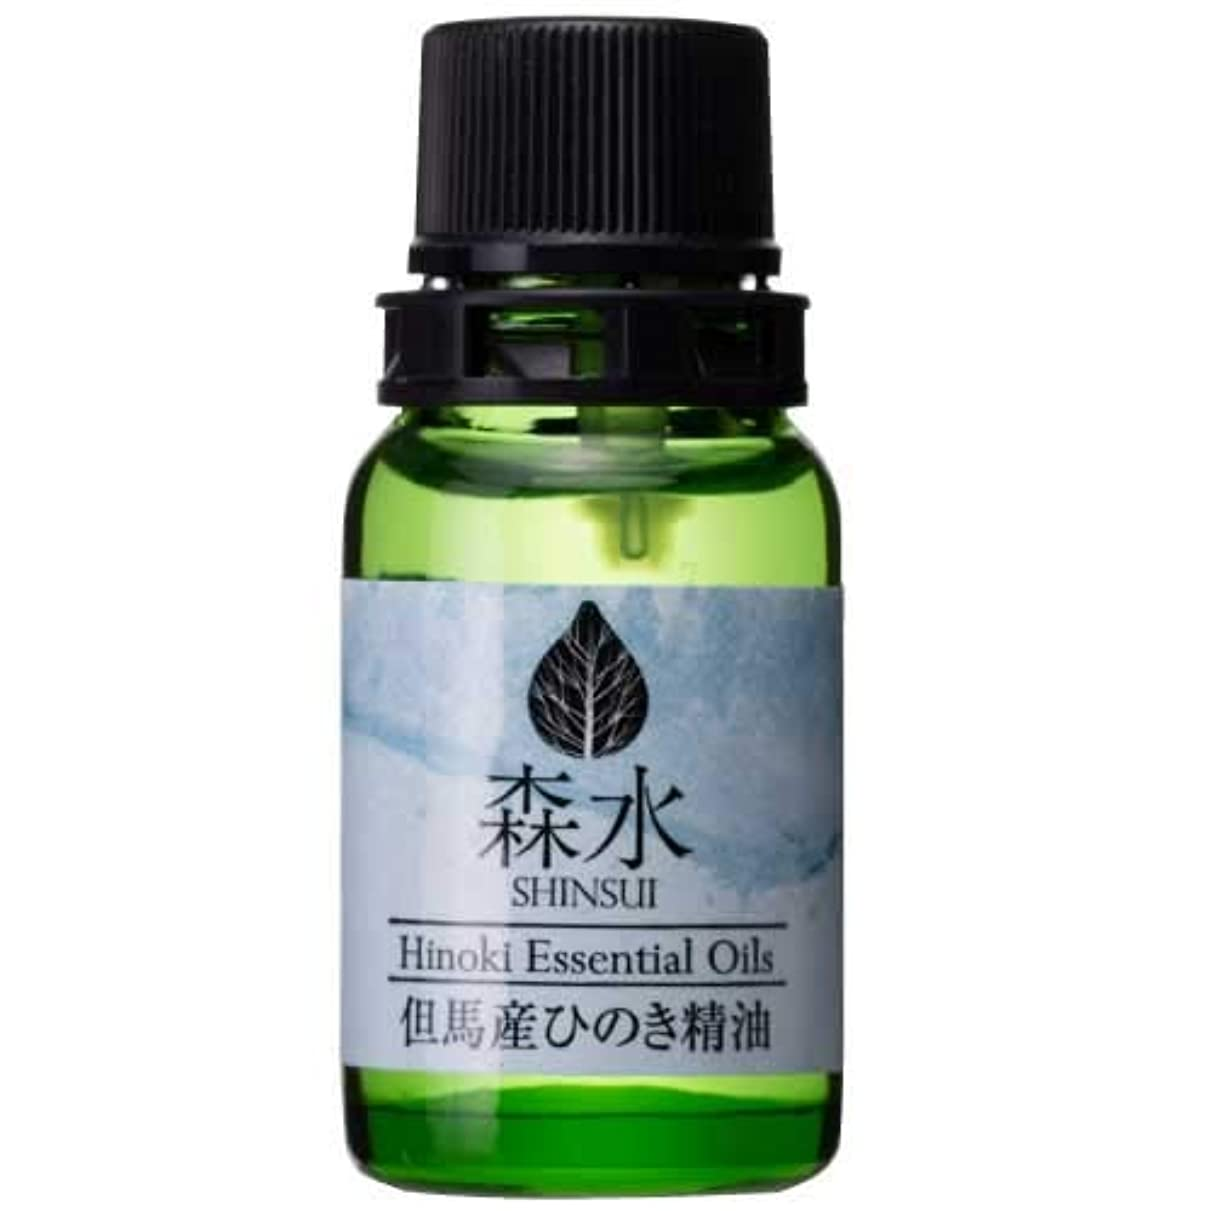 いつでもインスタンススカルク森水-SHINSUI シンスイ-但馬産ひのき精油(Hinoki Essential Oils)10ml アロマオイル